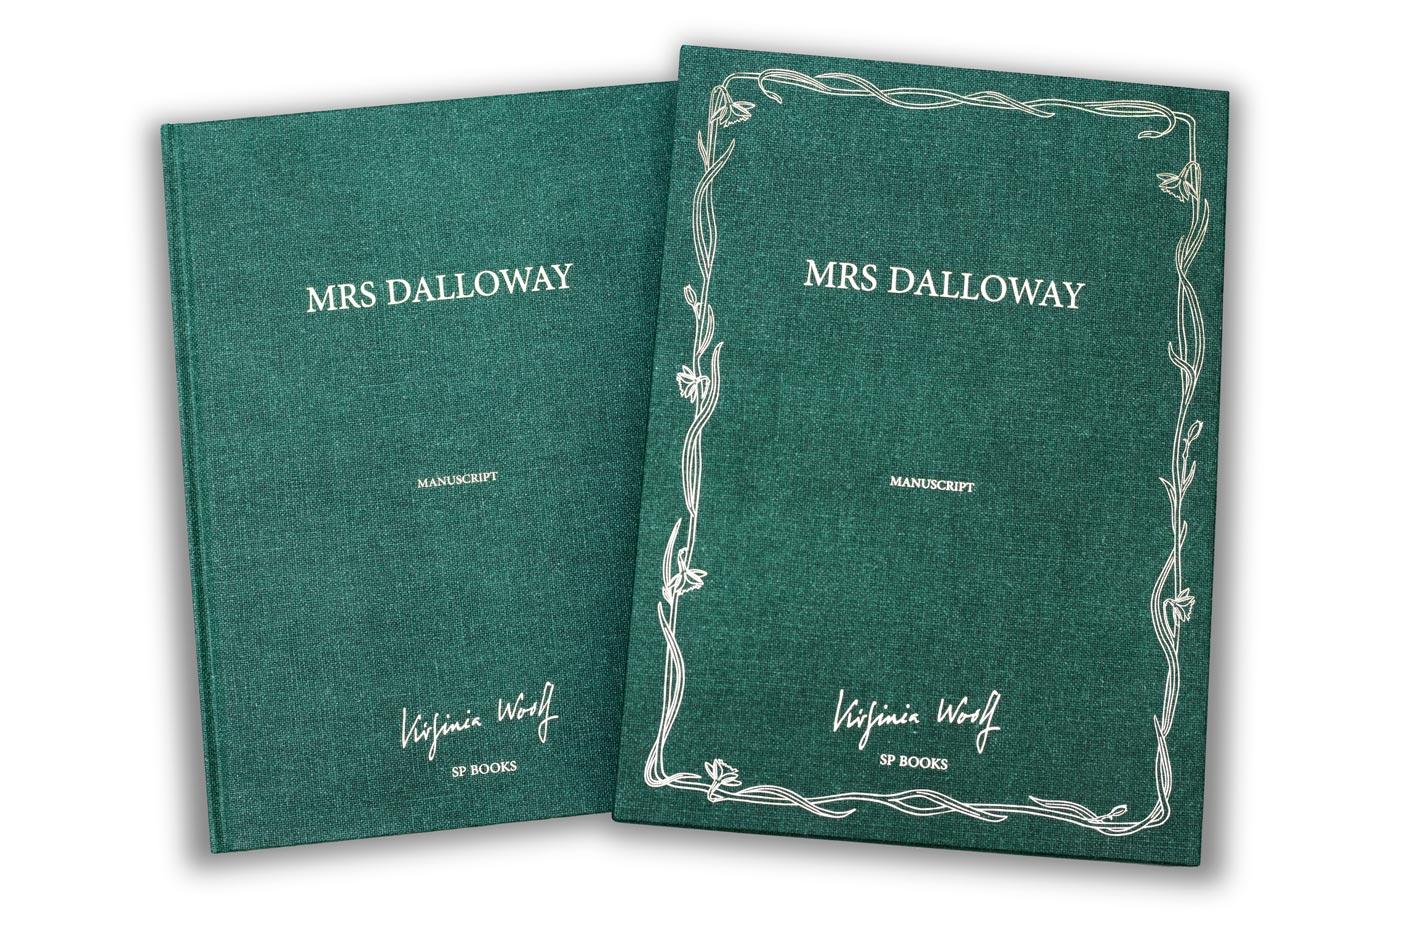 Mrs Dalloway - le livre manuscrit et l'étui